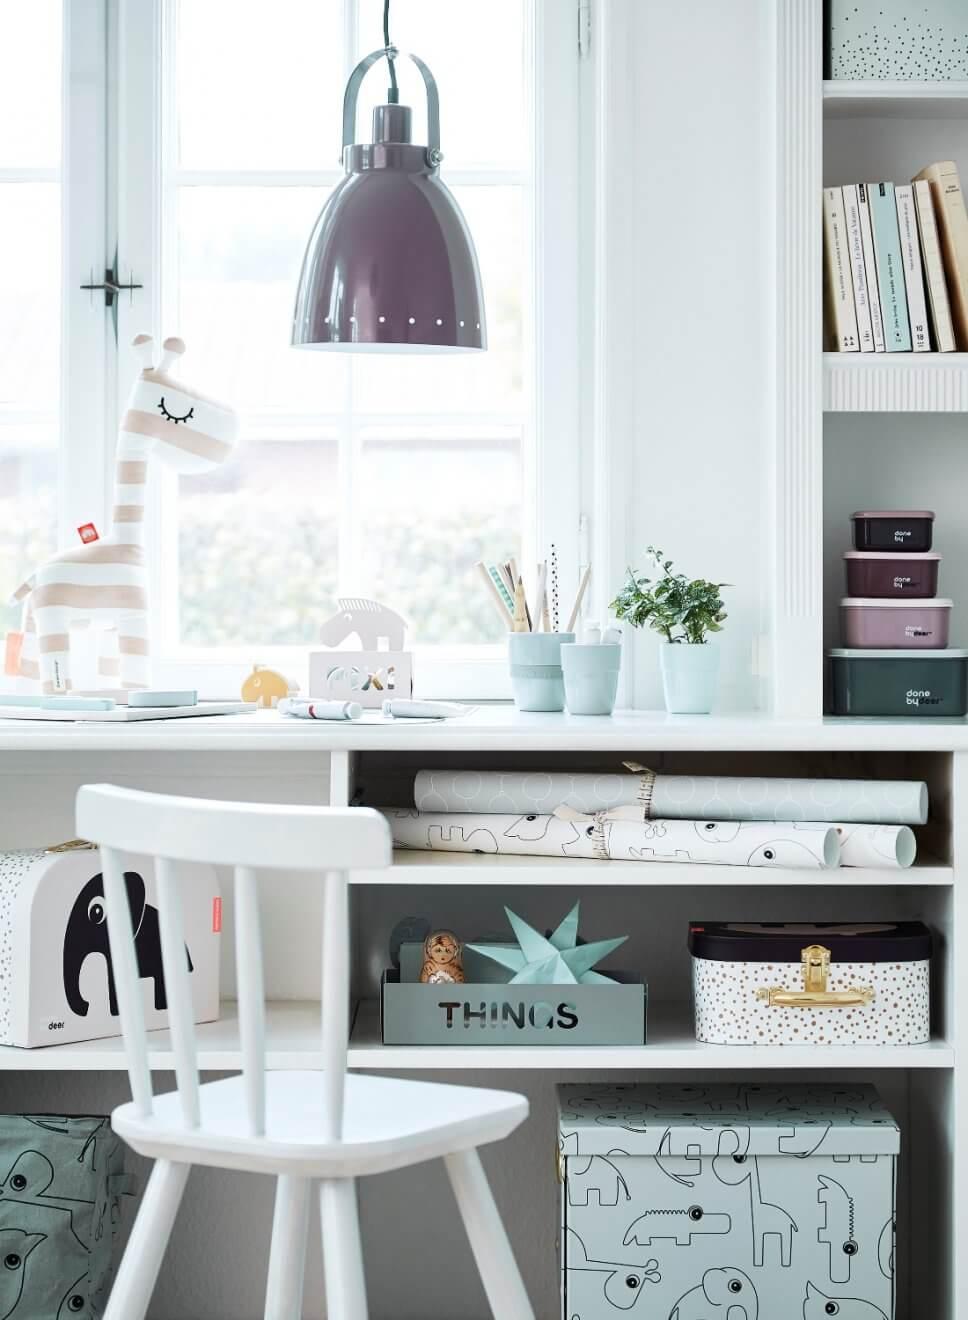 Schreibtisch mit Schachteln, Heften und Stiften